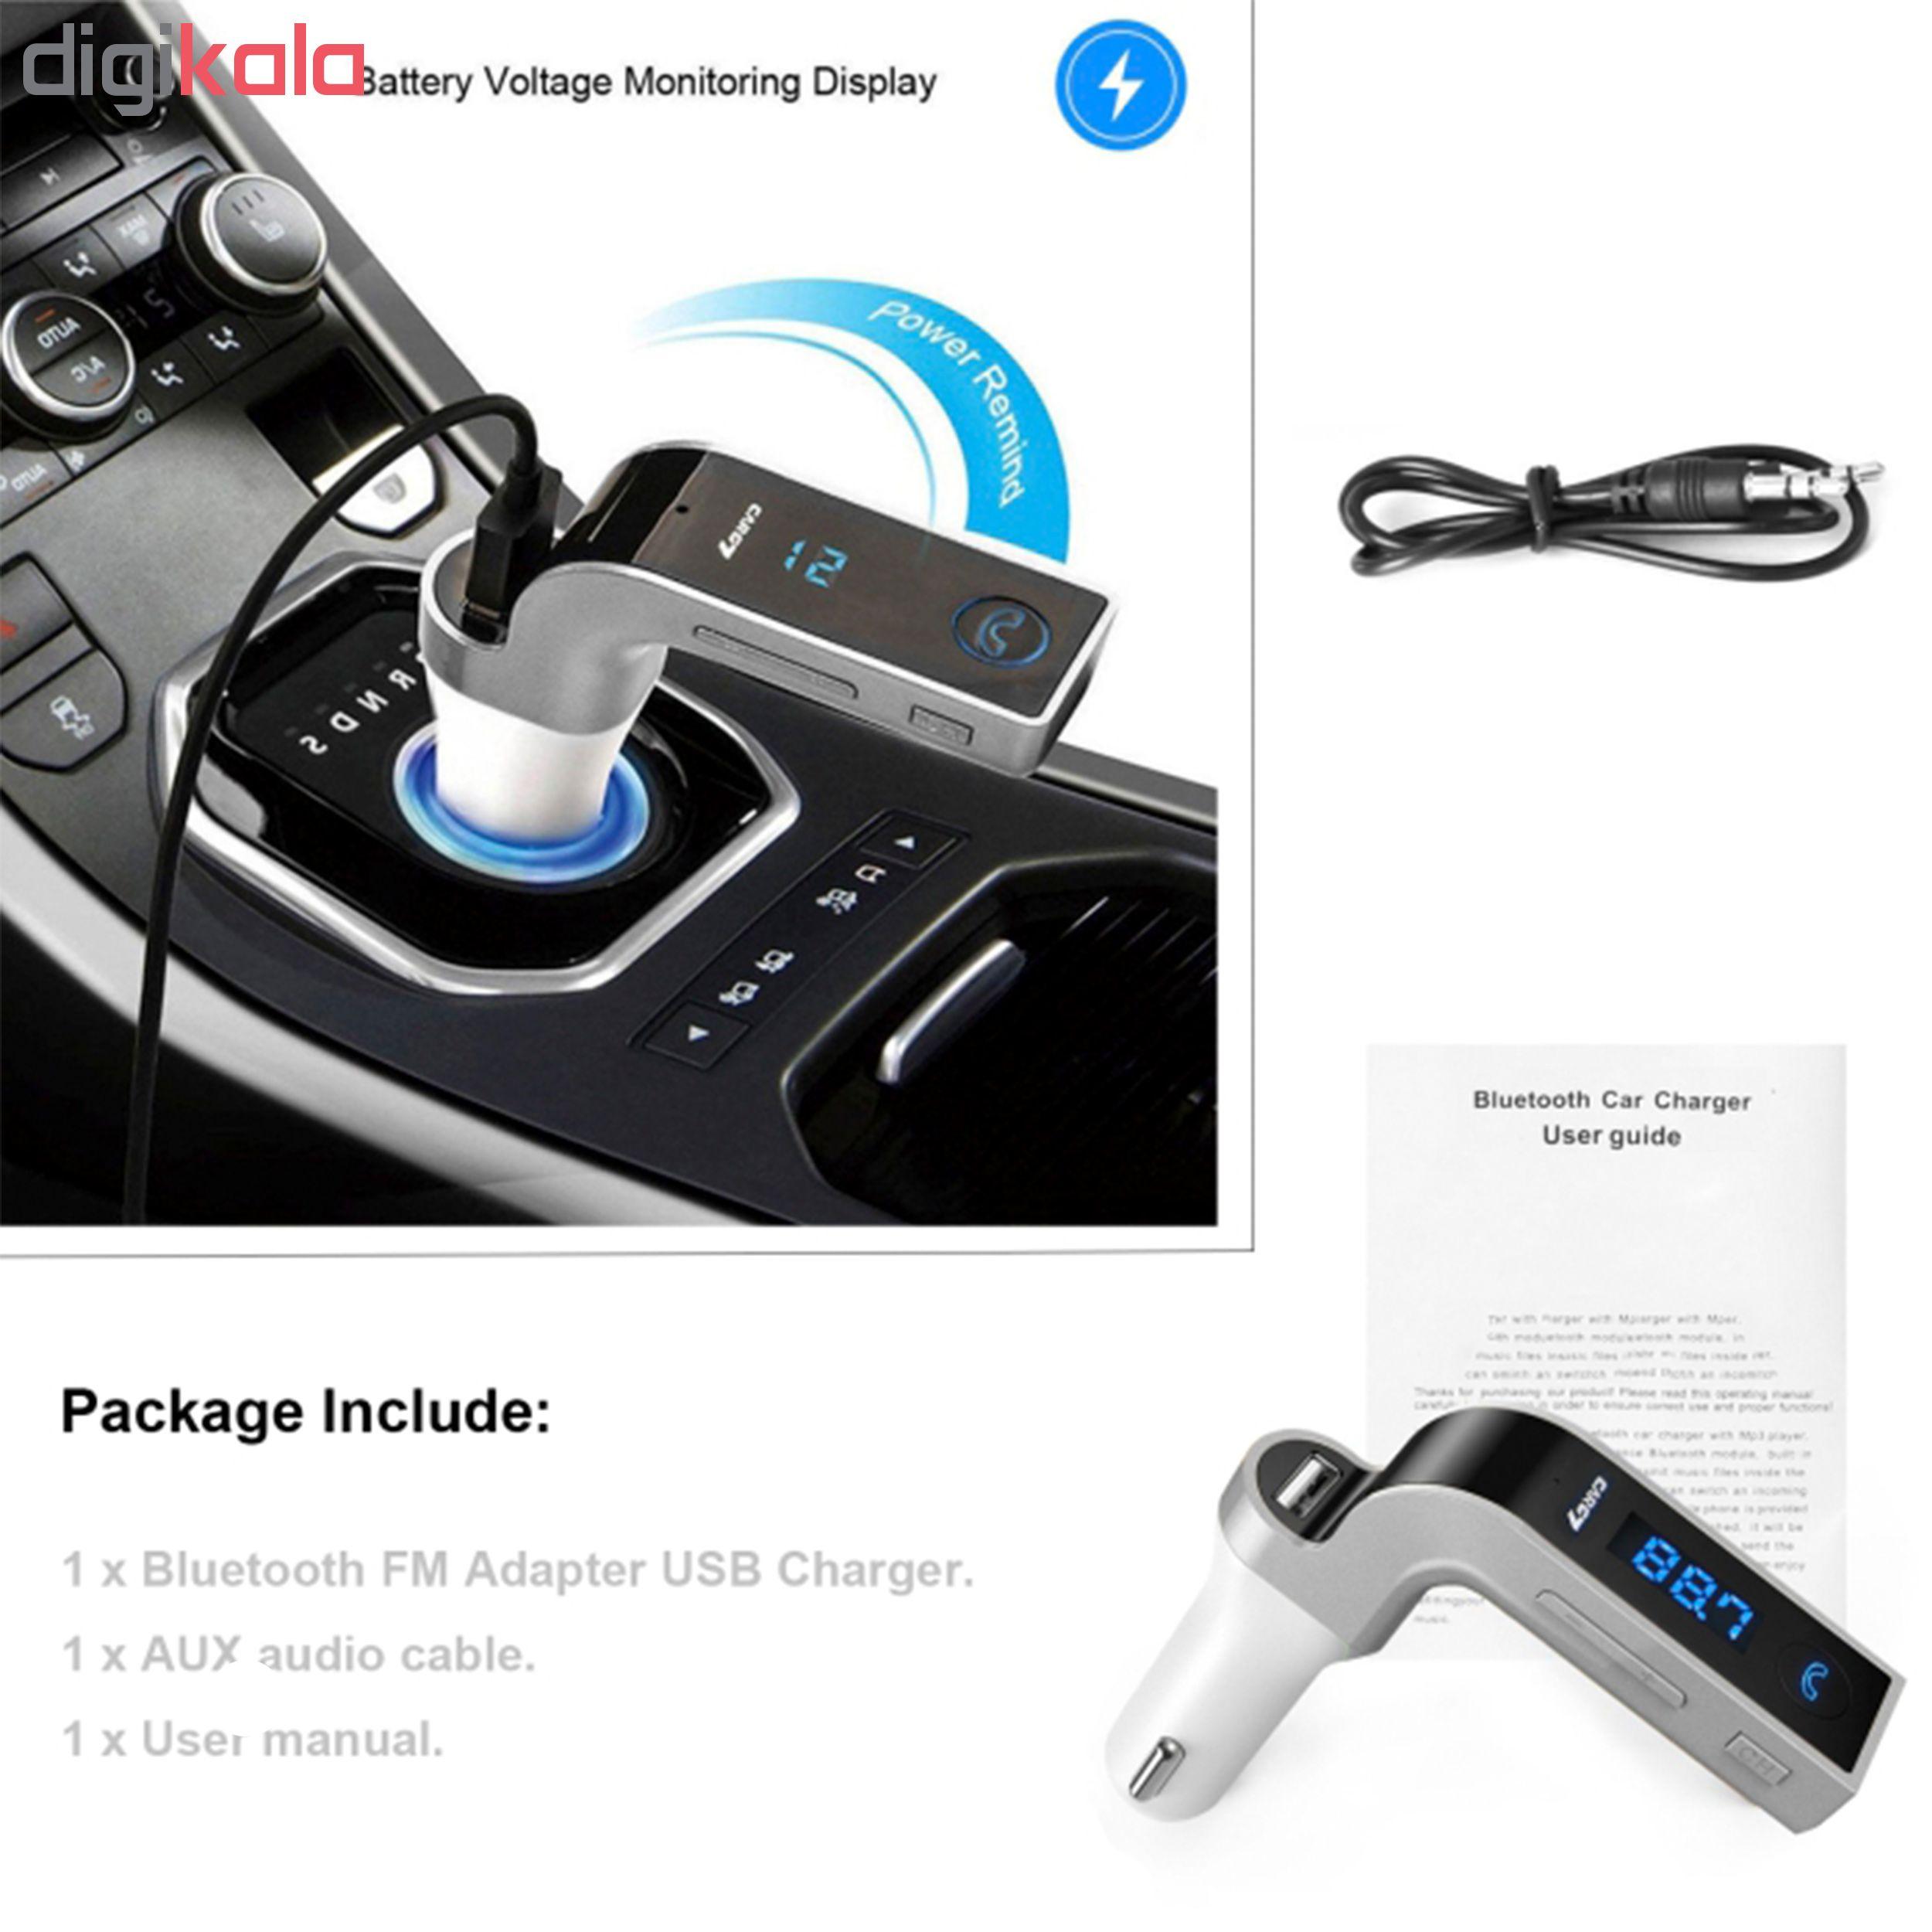 پخش کننده اف ام خودرو مدل CARG7-3